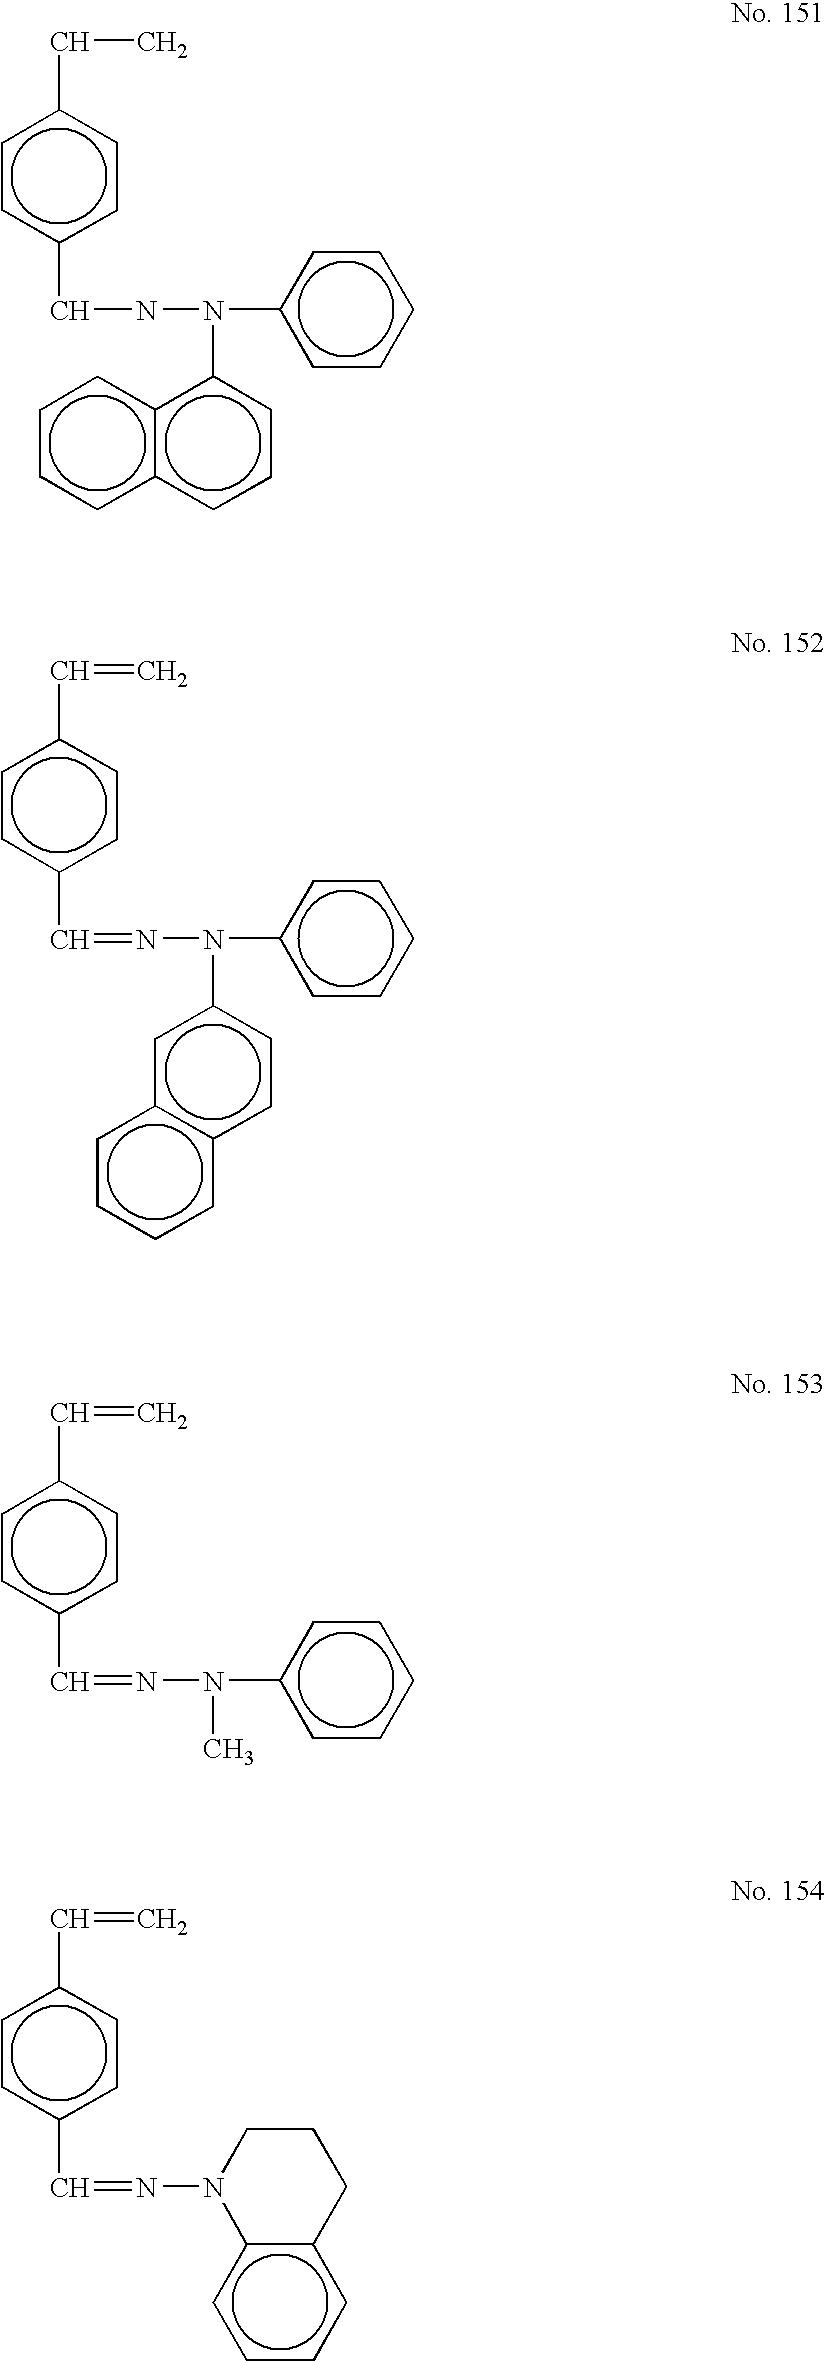 Figure US20040253527A1-20041216-C00064